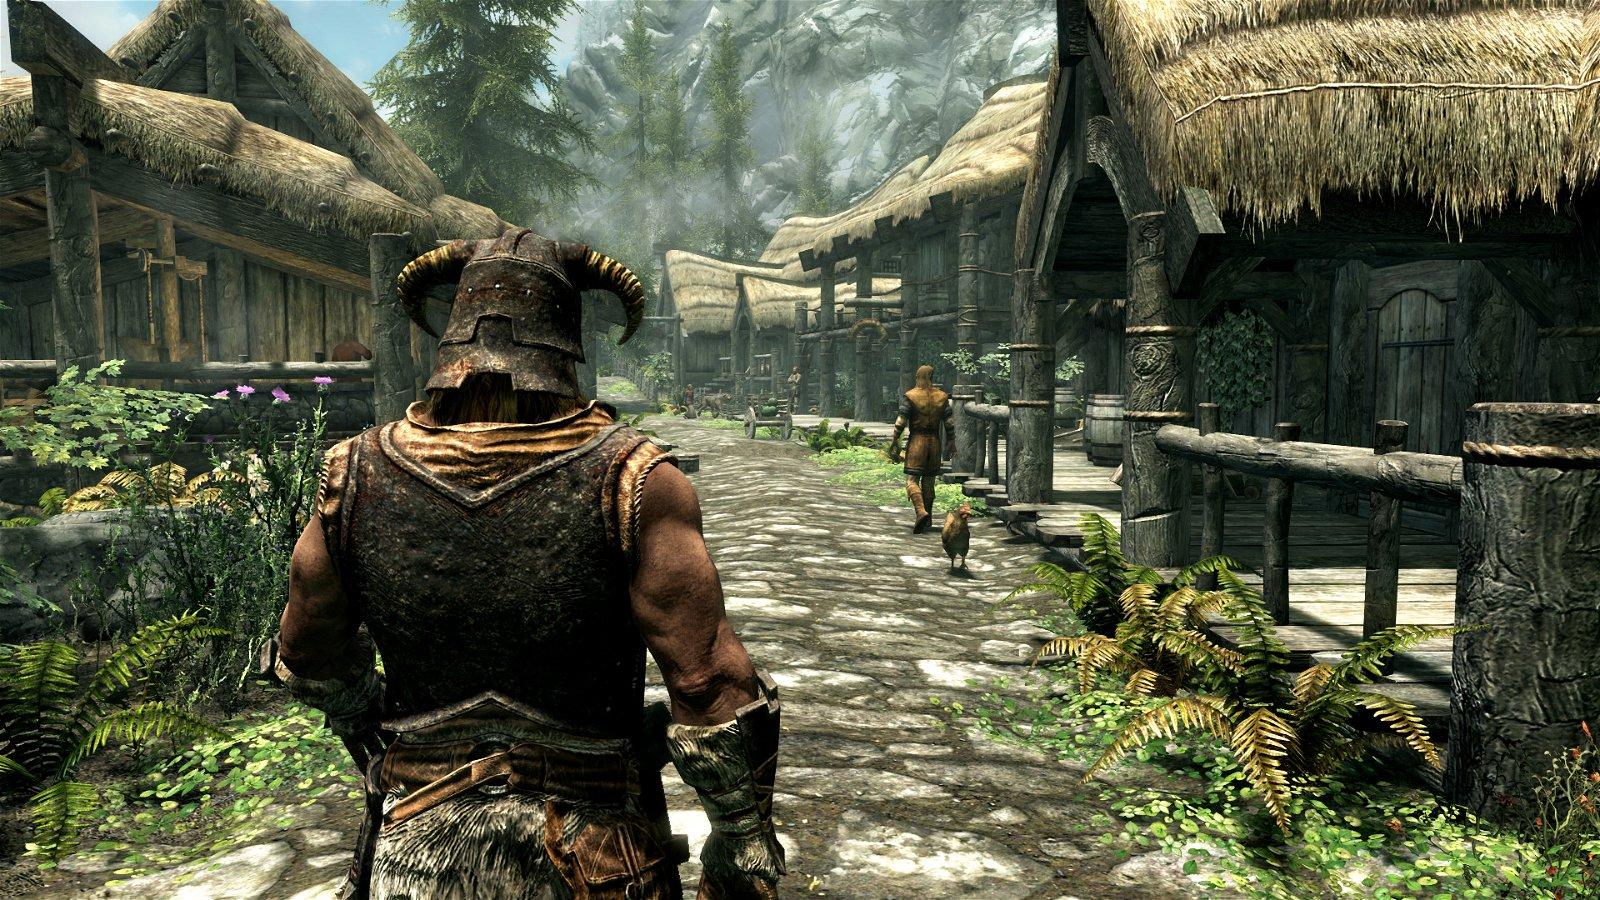 The Elder Scrolls V: Skyrim – Special Edition (PC) Review 4